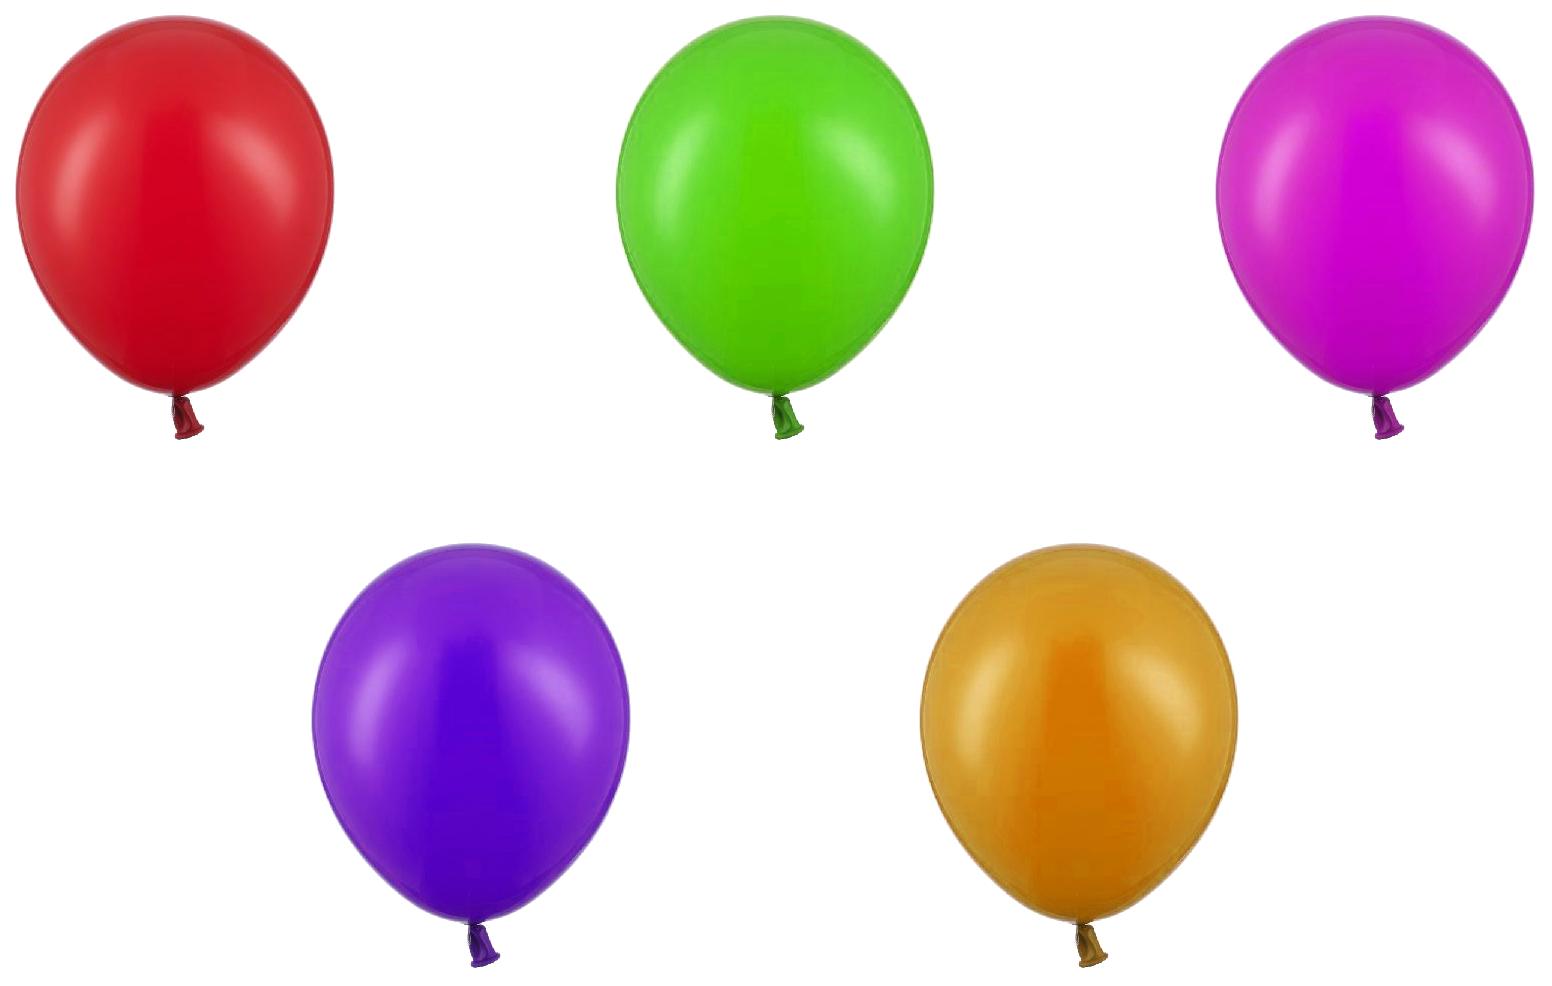 Купить Воздушные шары Belbal Пастель Ассорти 50 шт., Воздушные шарики